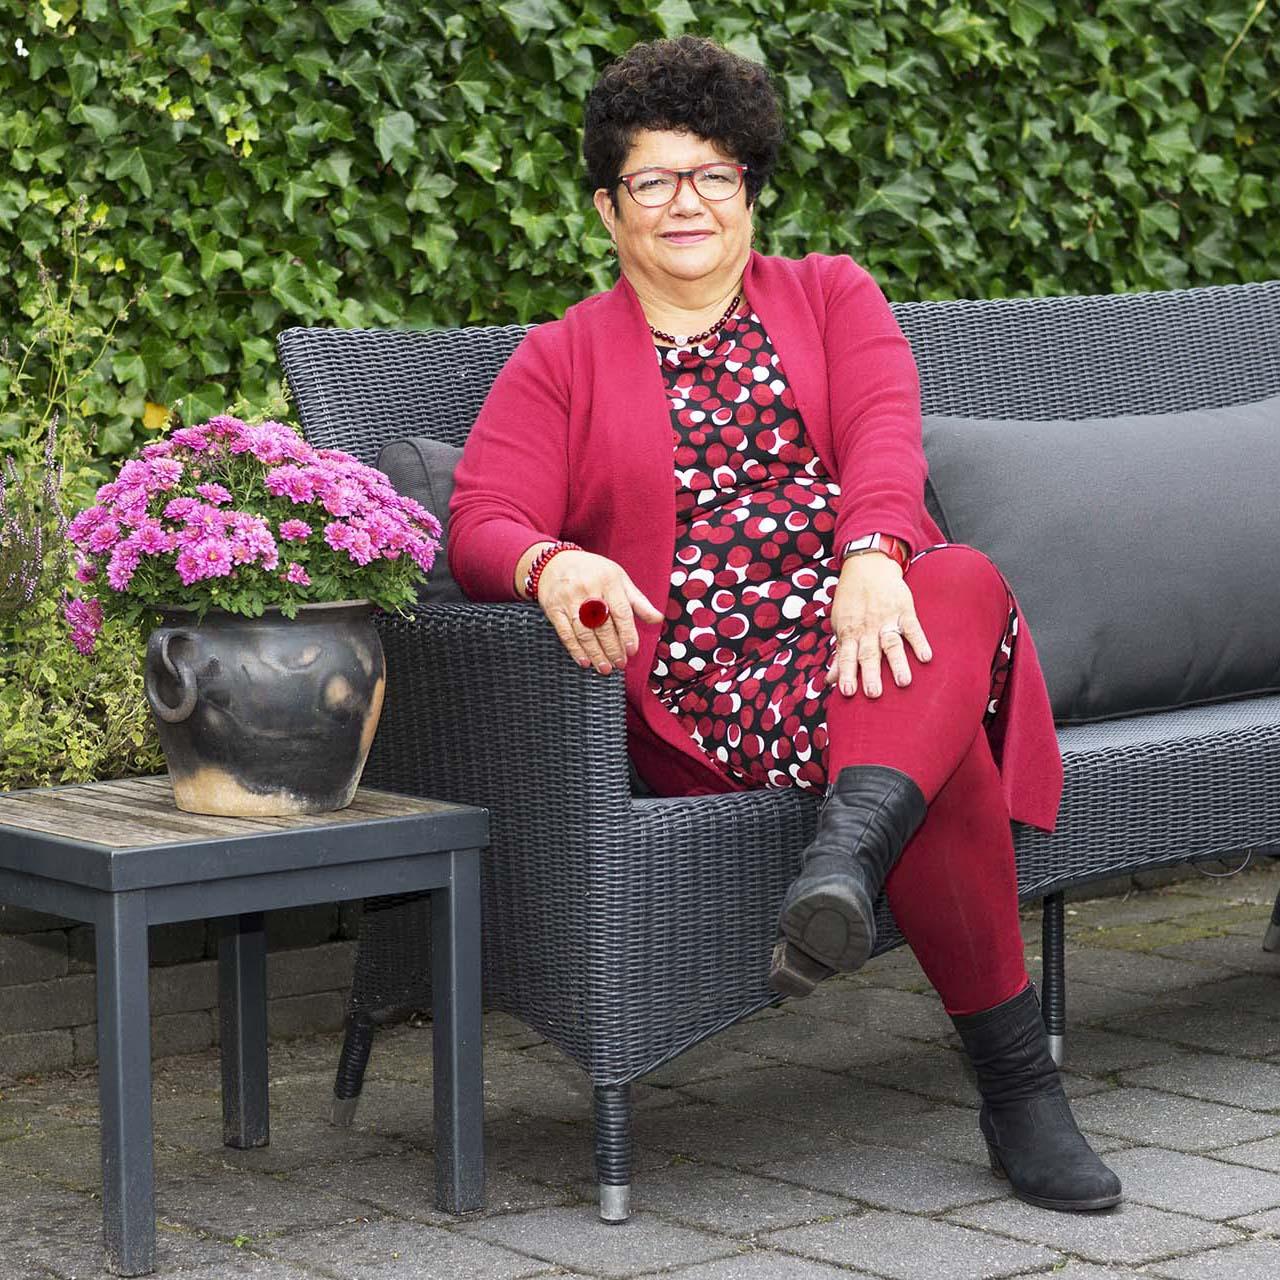 Isabel Marrink is kleuradviseur voor kleding, brillen en make up in Groningen